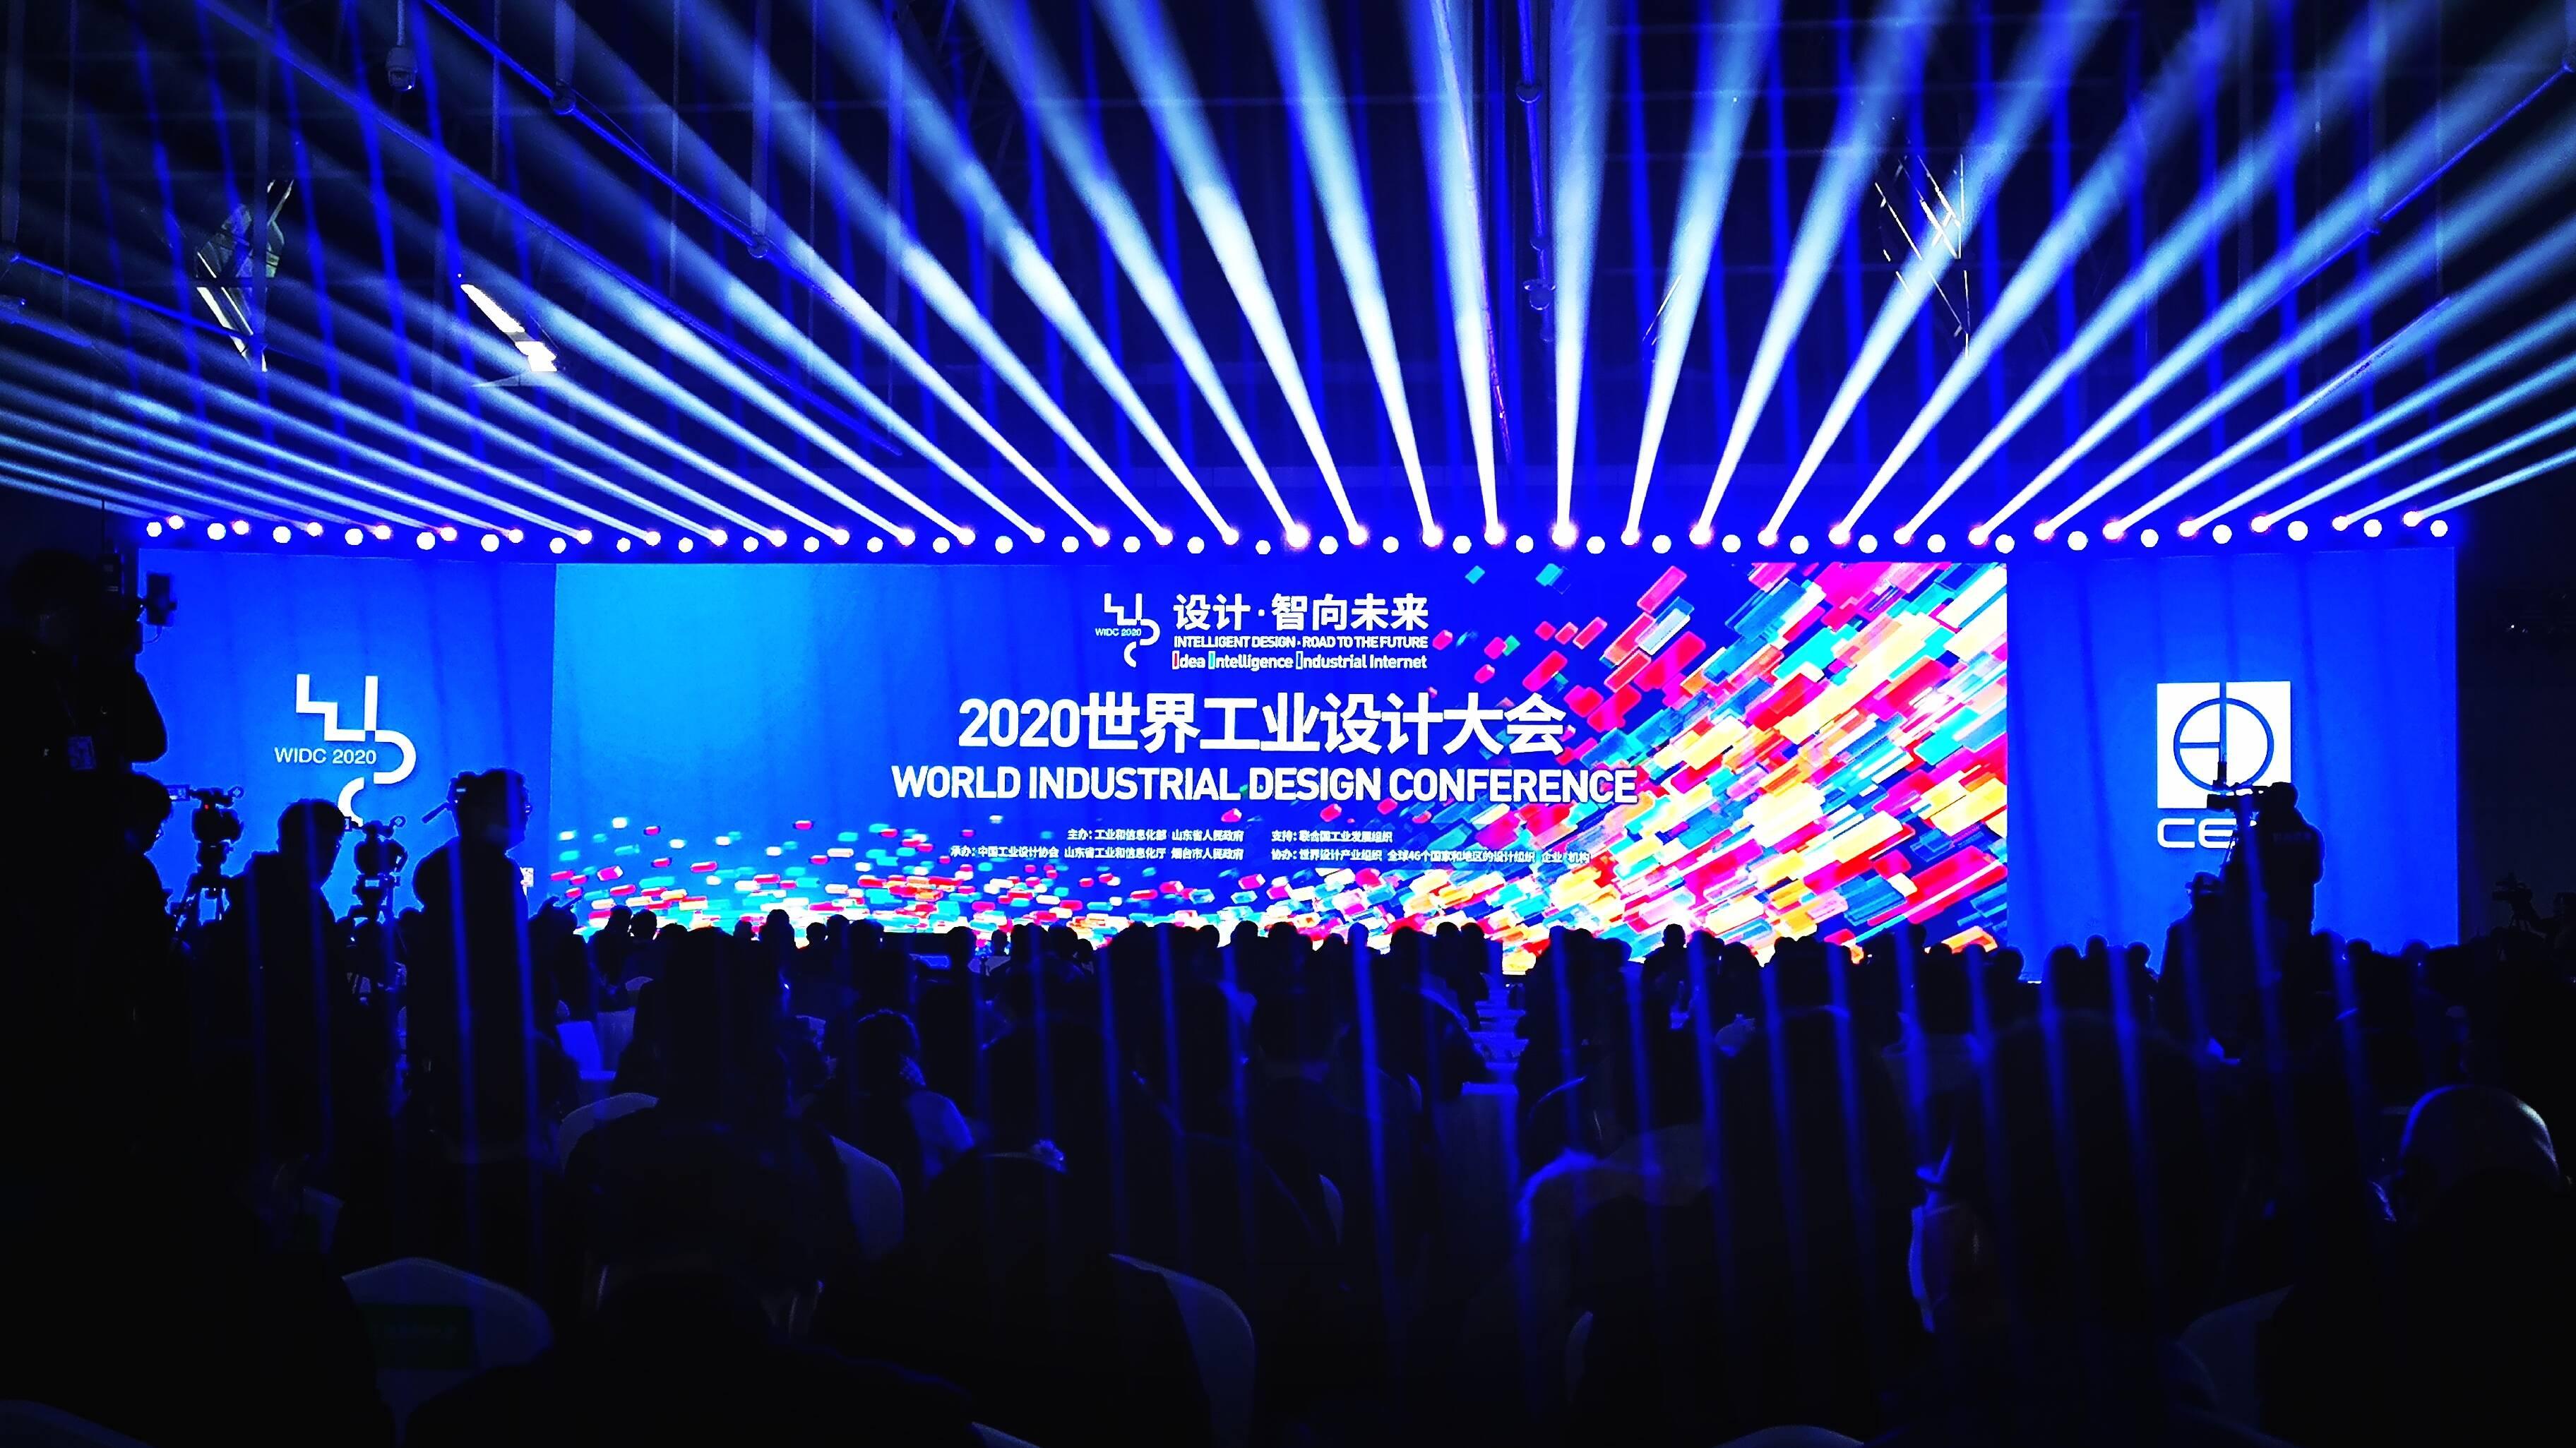 这两项工业设计领域国际顶级盛会烟台启幕!全球智能制造领军者都来了